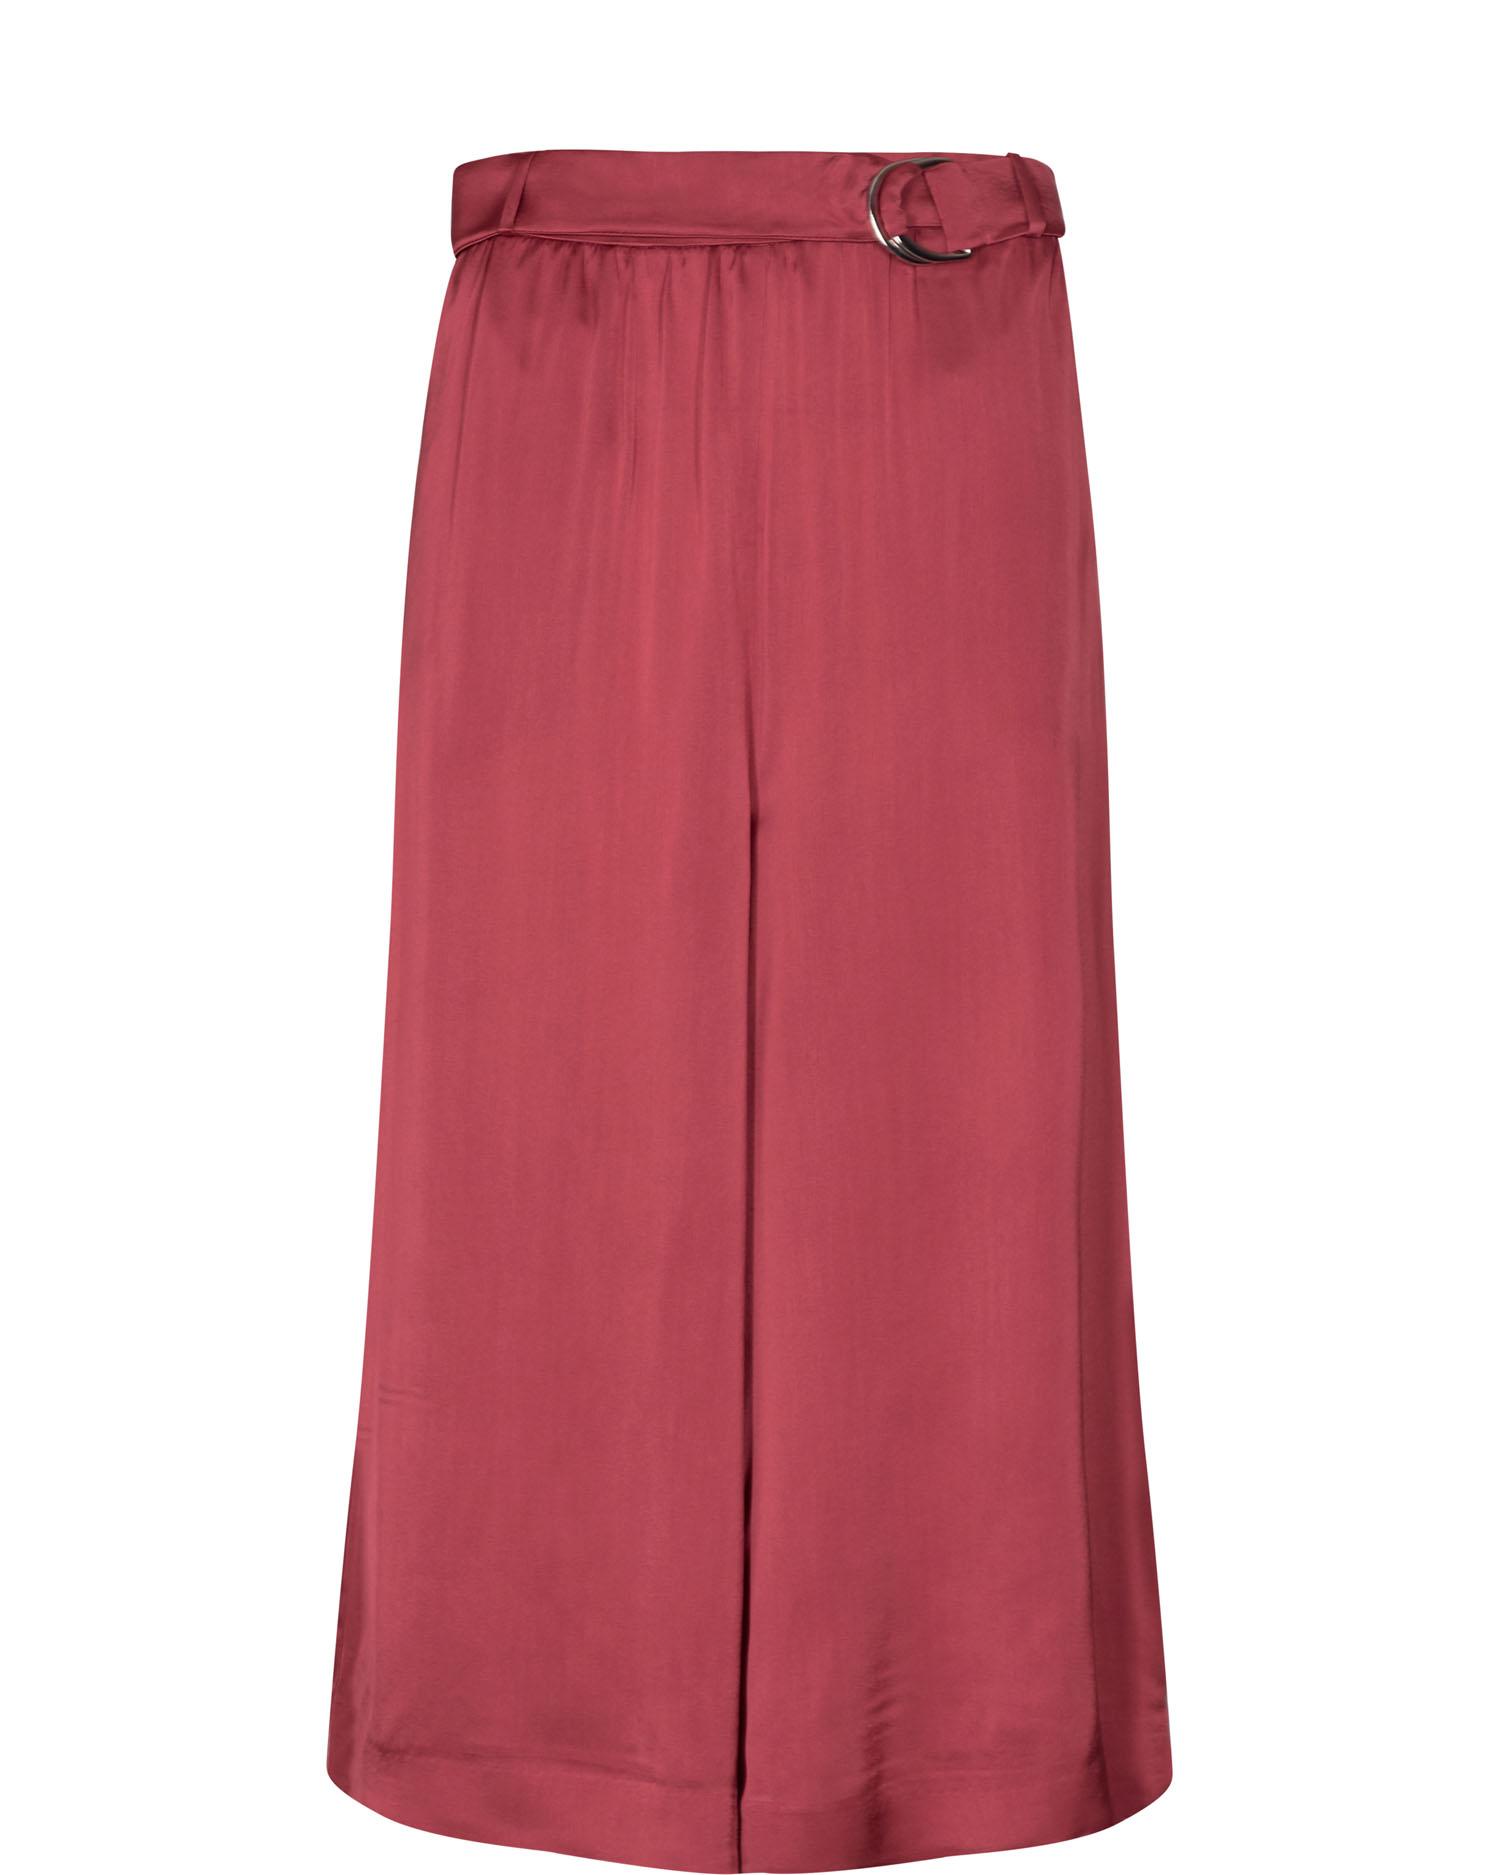 Pam Shine Long Shorts